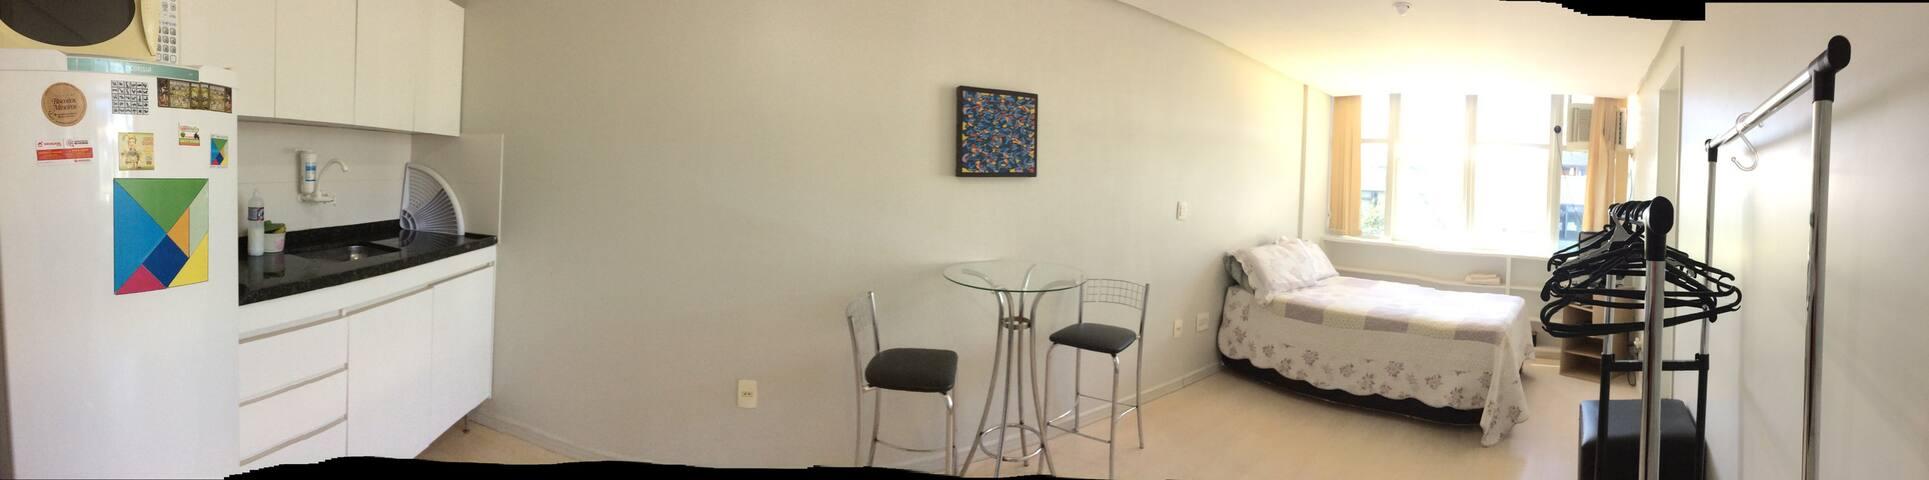 Pequeno espaço, bem localizado. - Brasília - Lägenhet